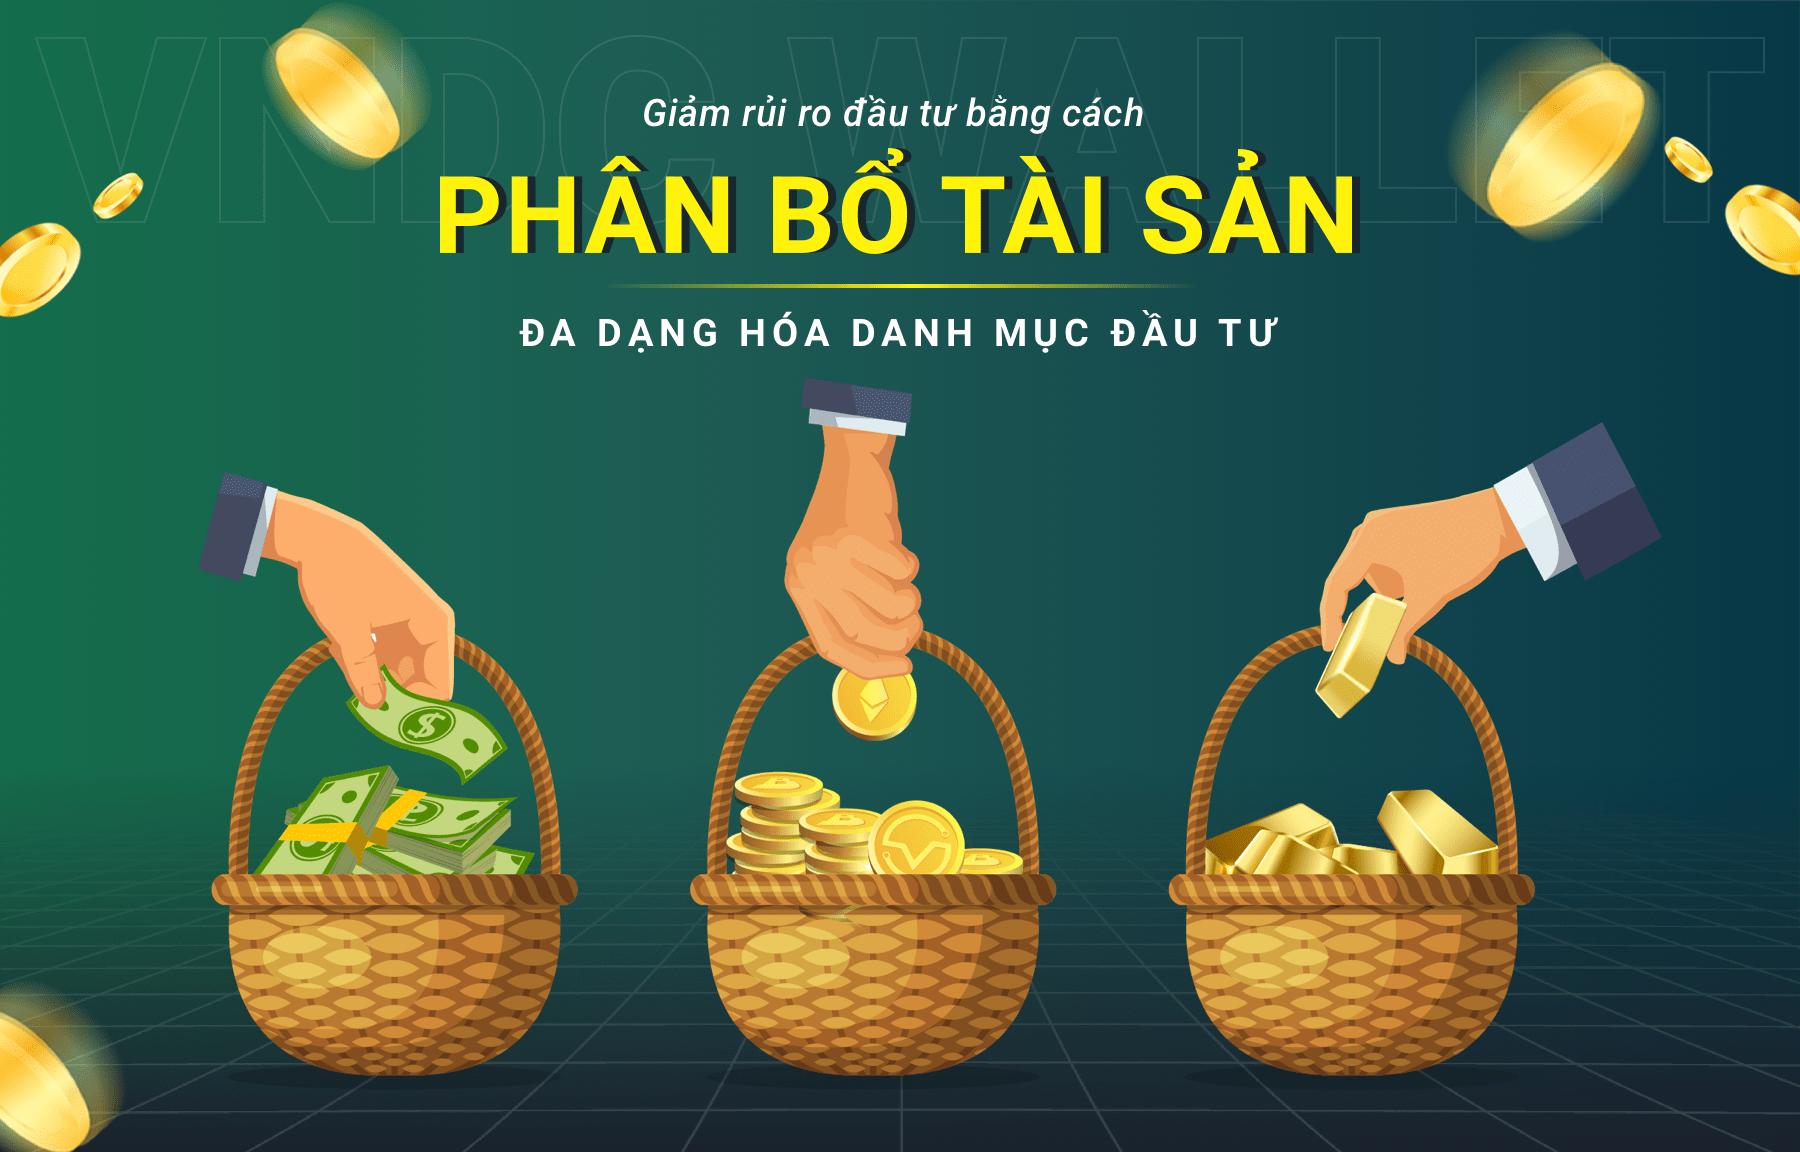 phan-bo-tai-san-da-dang-hoa-danh-muc-dau-tu-min-1627103757.png